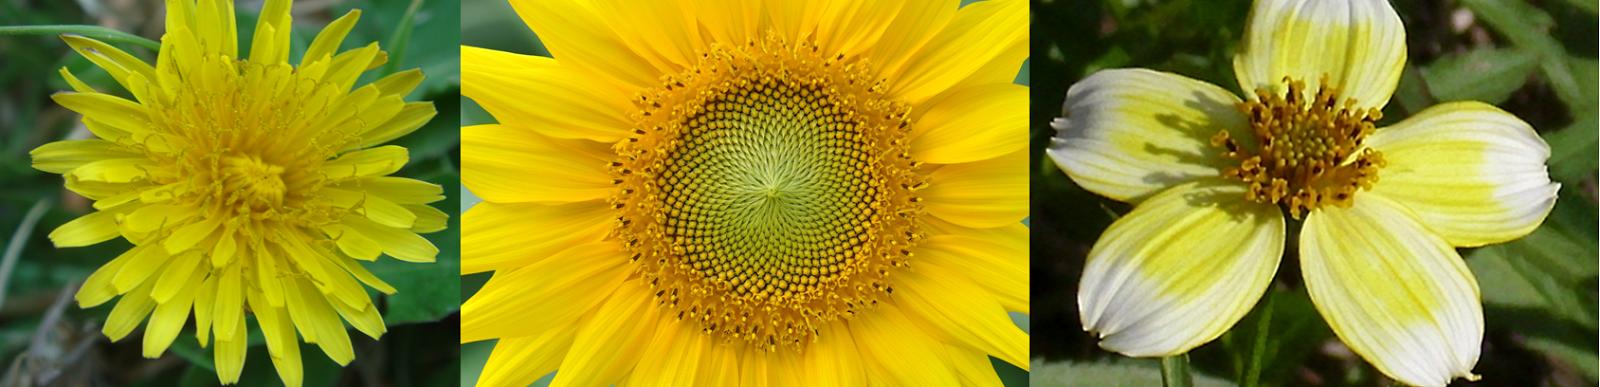 La flor, un diseño inteligente Composita